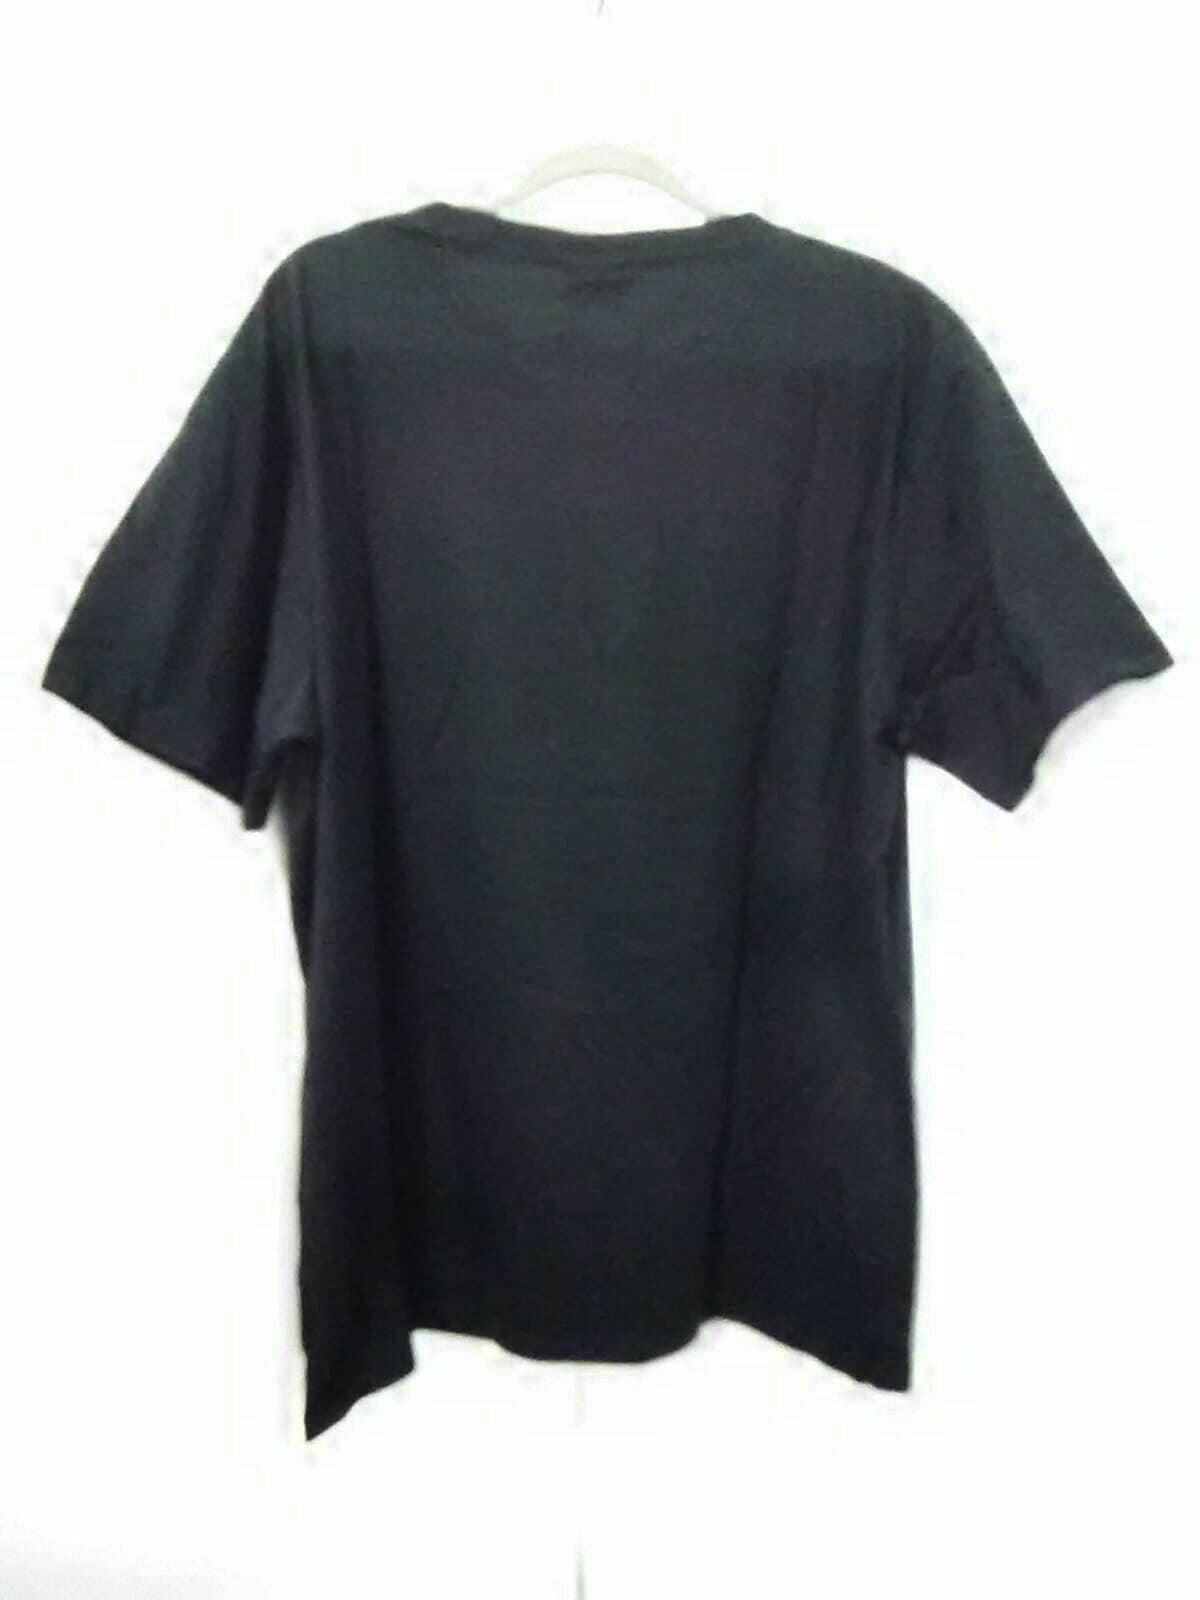 MARCELOBURLON(マルセロバーロン)のTシャツ